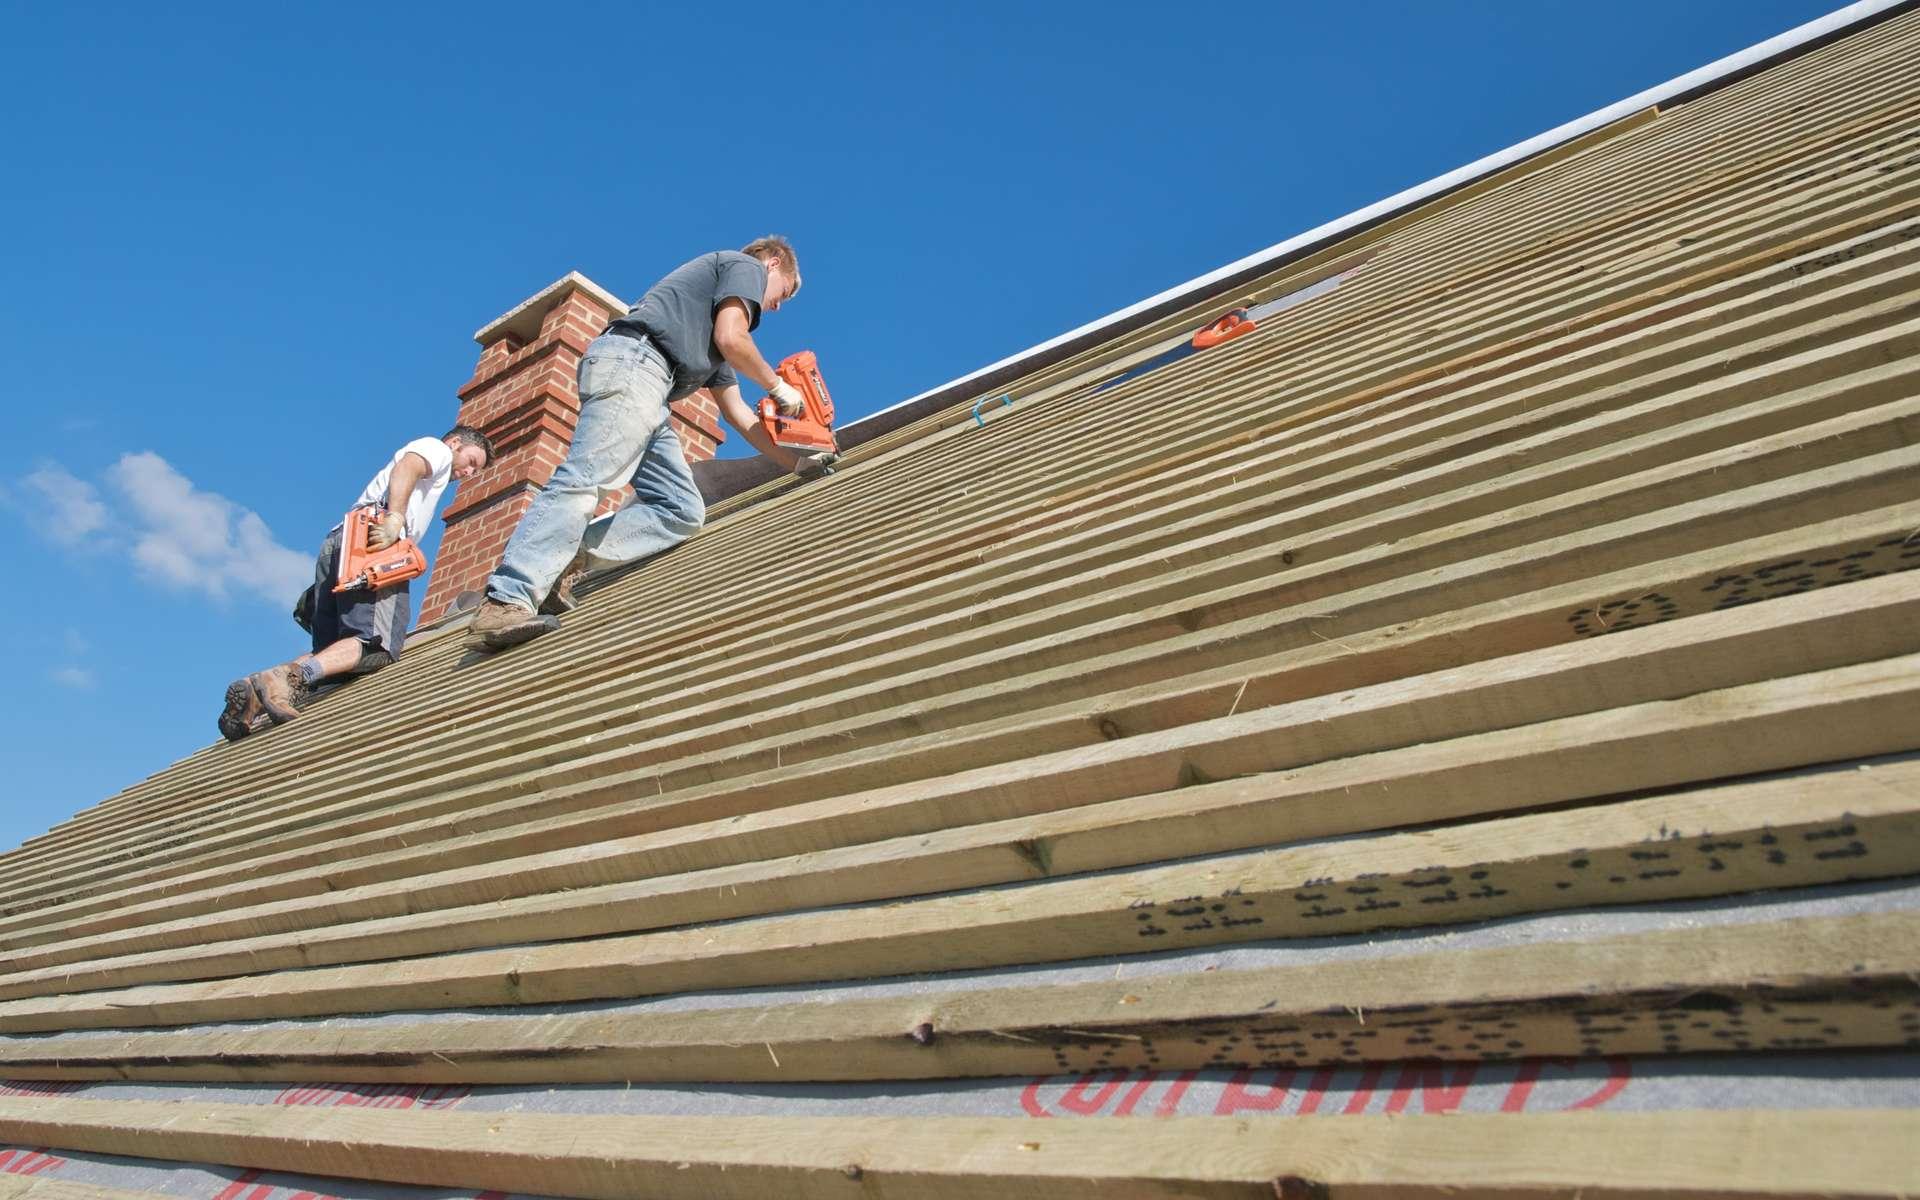 Le liteau est employé dans la construction des toitures. C'est lui qui va supporter les tuiles ou les ardoises. © Julian Berry, CC BY-SA 2.0, Flickr